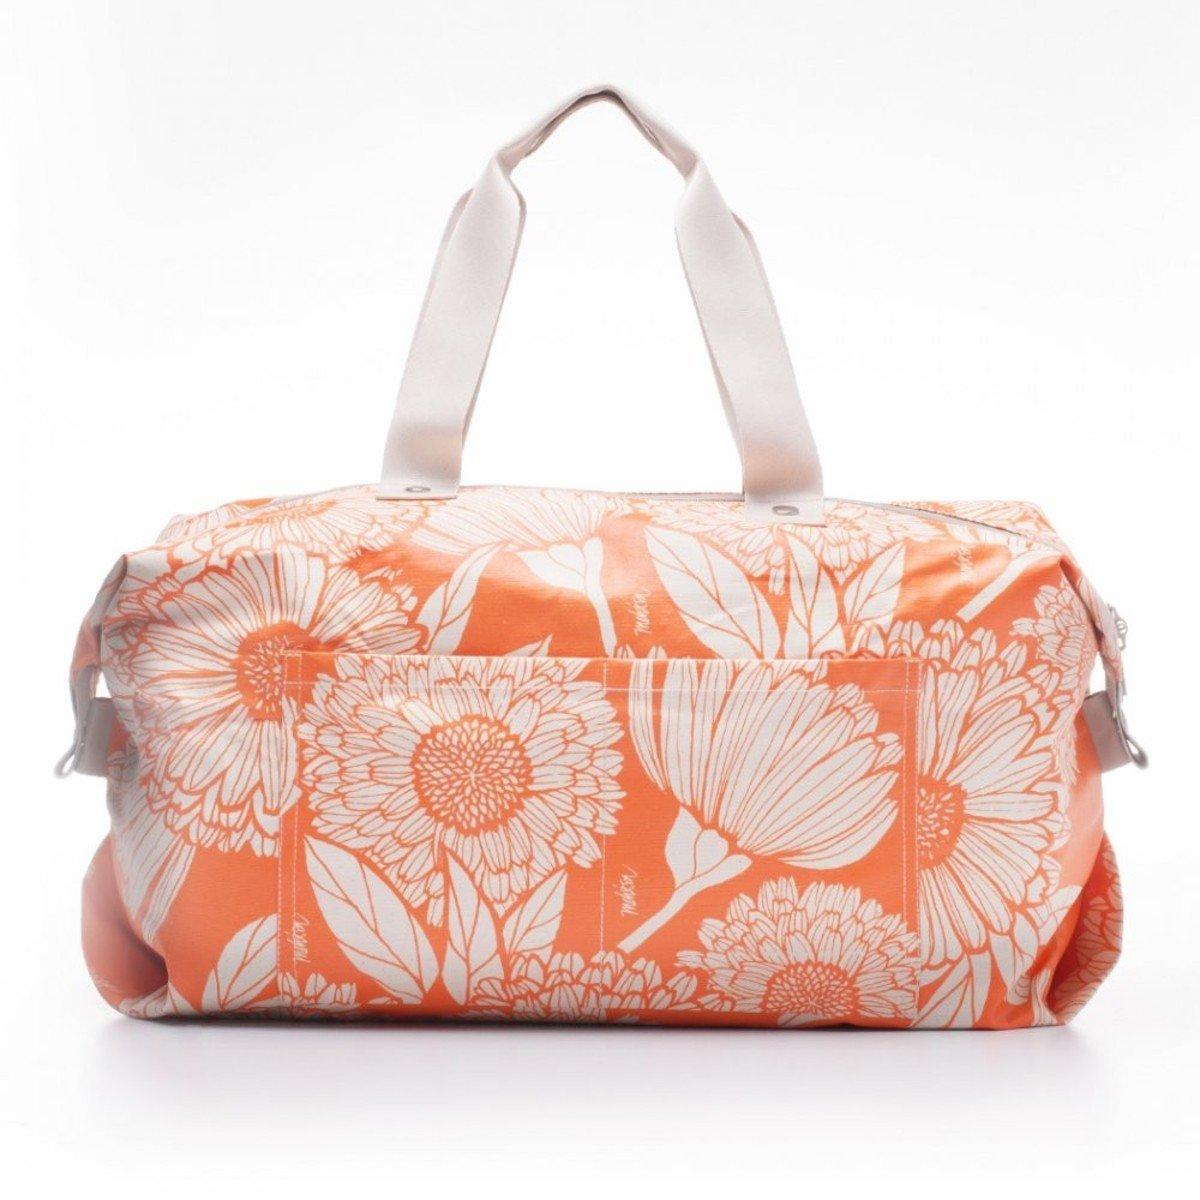 旅行袋 - Orange Oriental